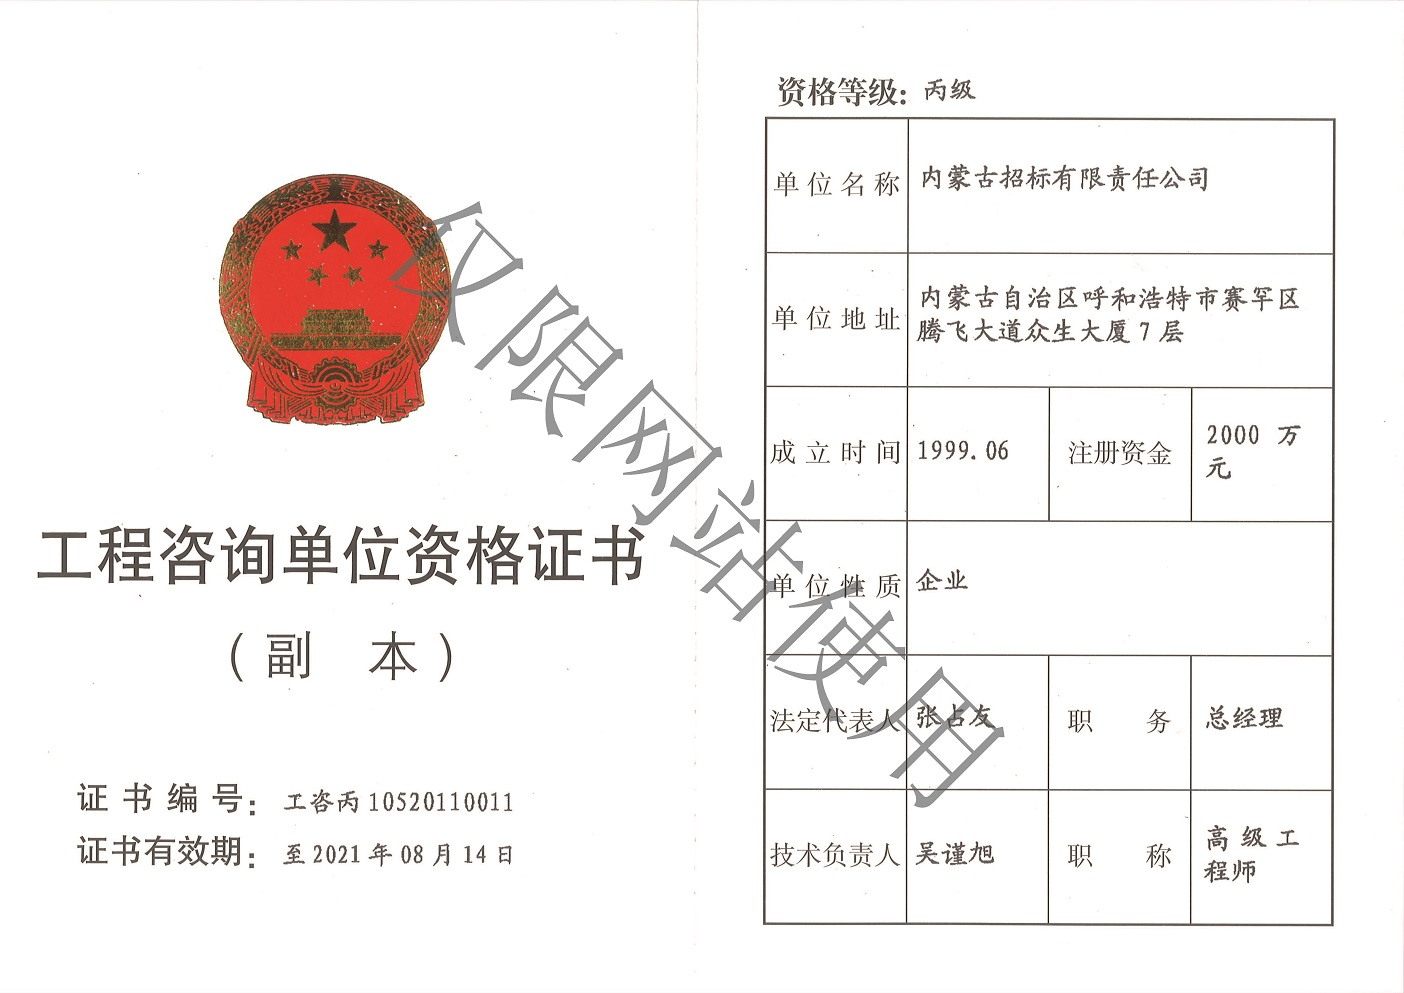 gong程咨询单wei丙级证书副本1